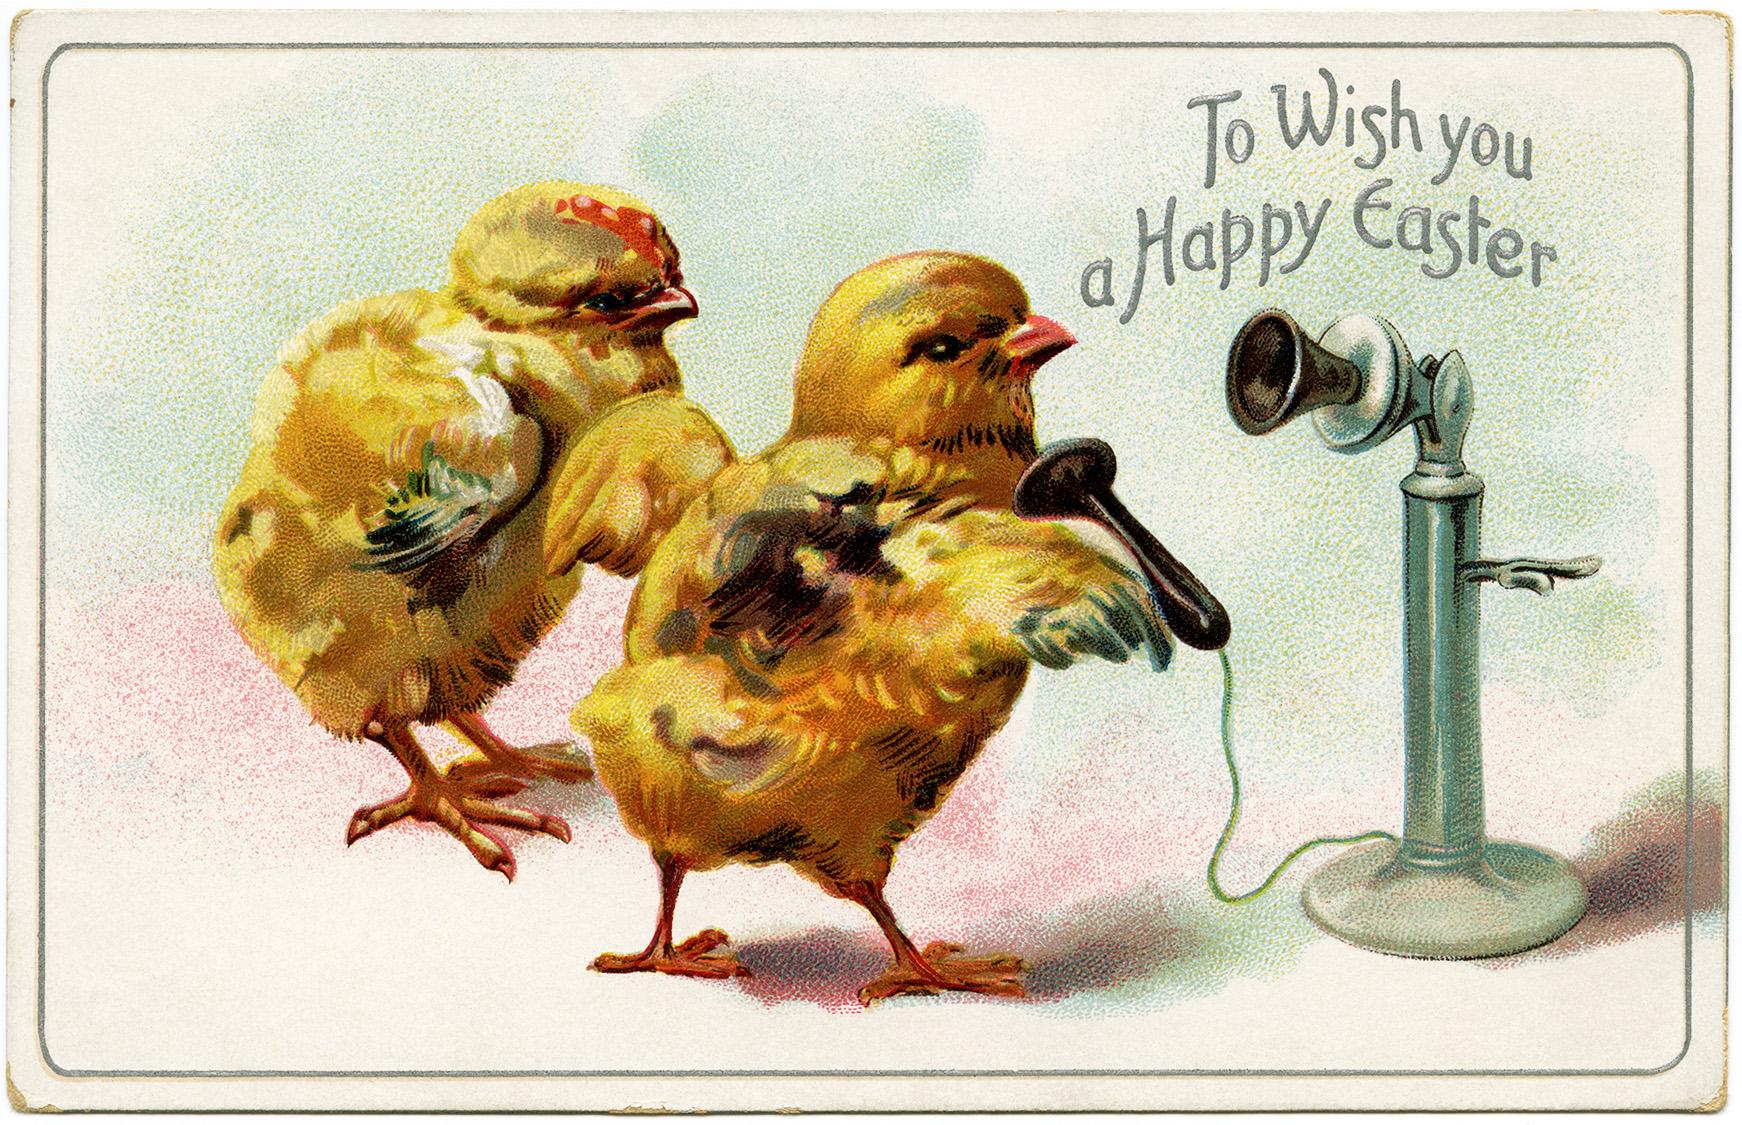 Easter Chicks Using Telephone Old Design Shop Blog